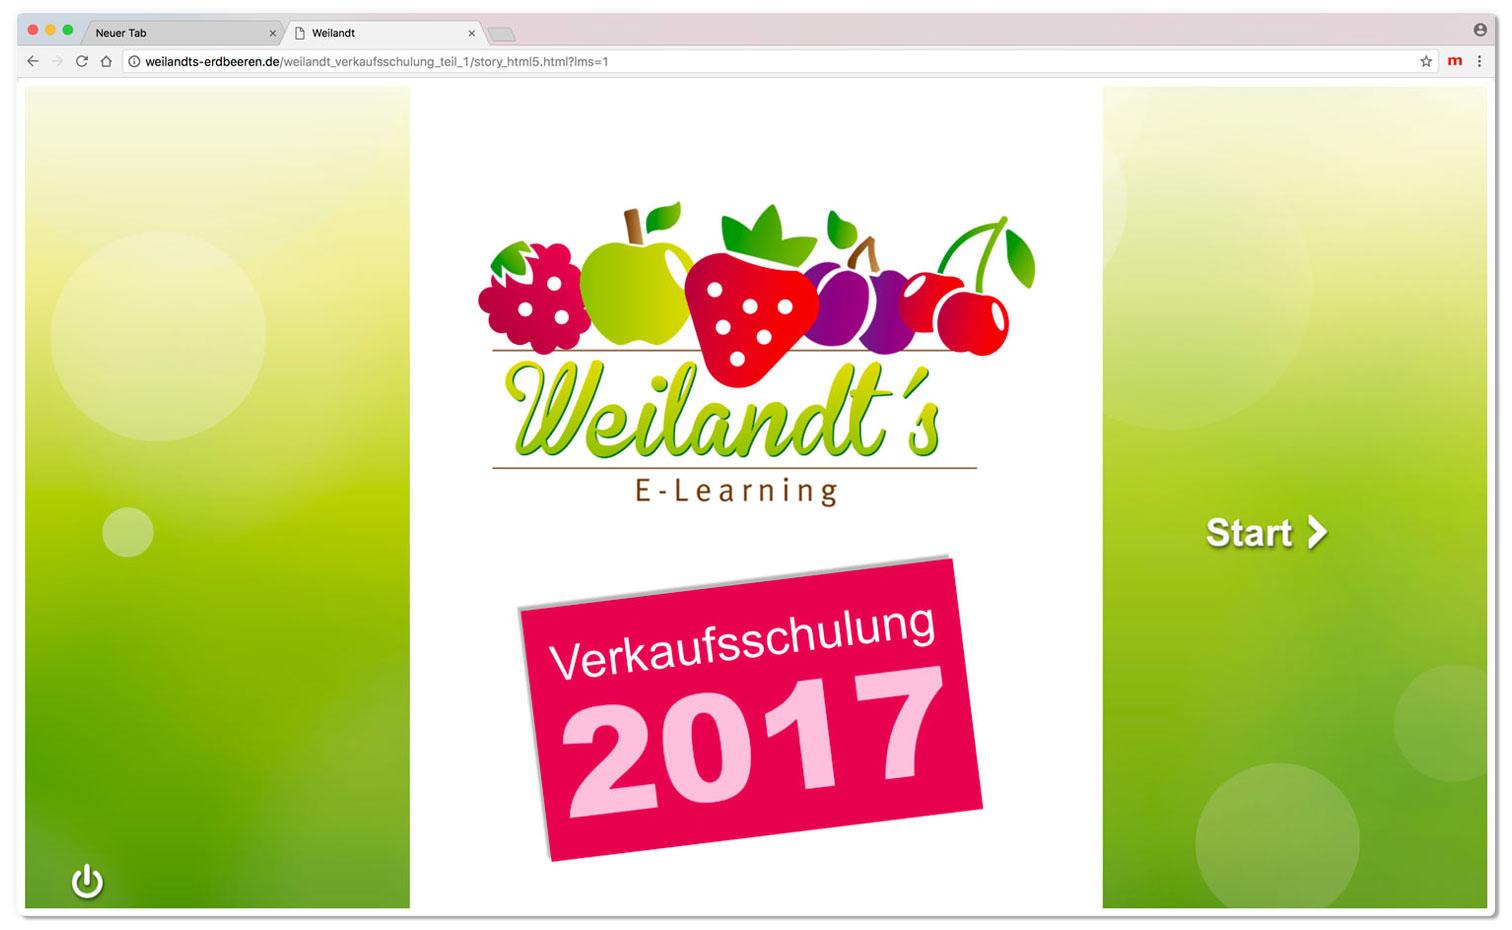 Hüppmeier Marketing und Design GmbH - Referenz - E-Learning - iPad - Weilandt´s Erdbeerplantagen Schulung Cover